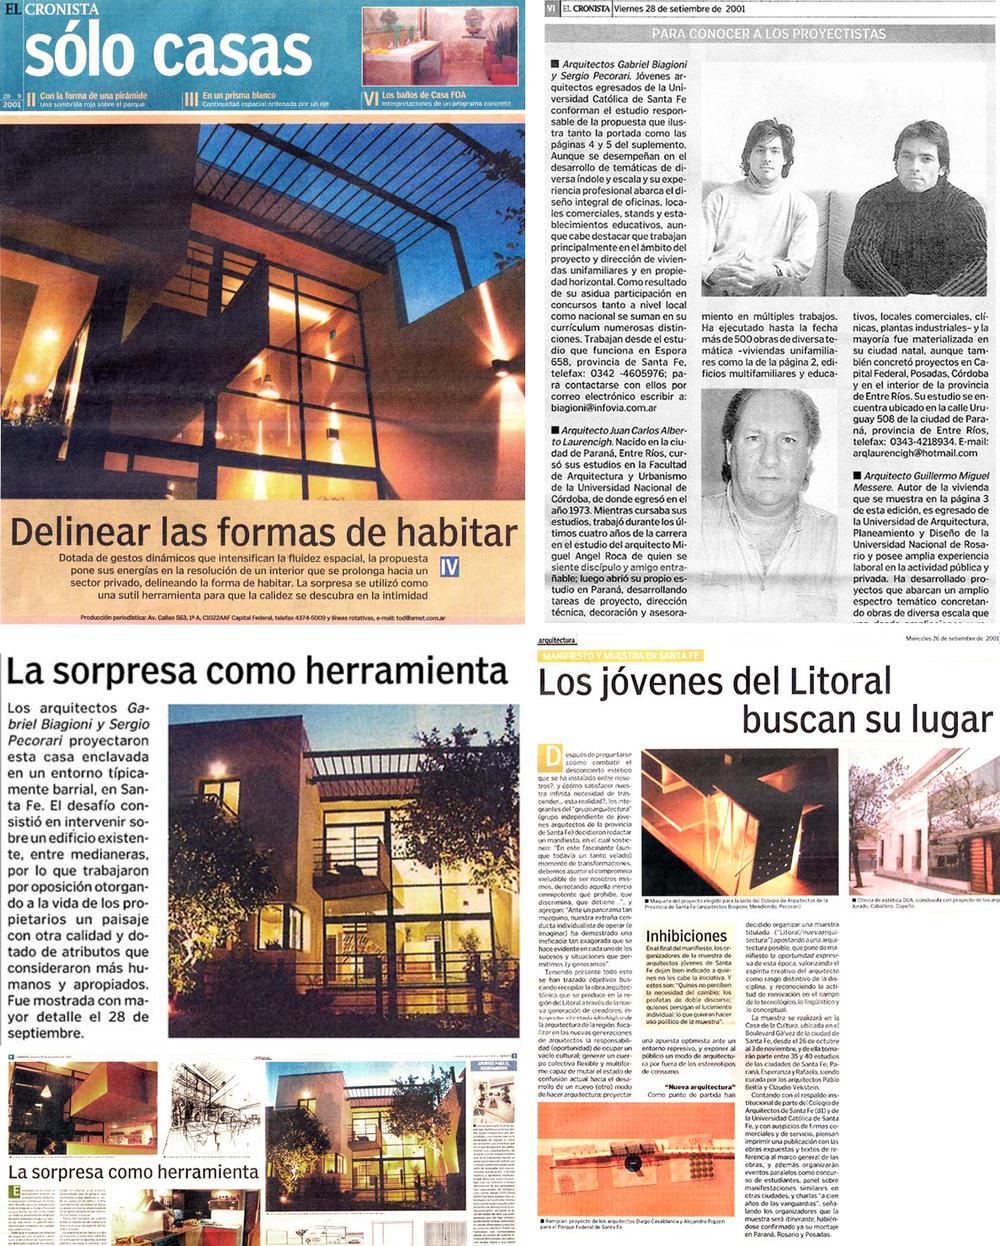 Diario El Cronista - 2001